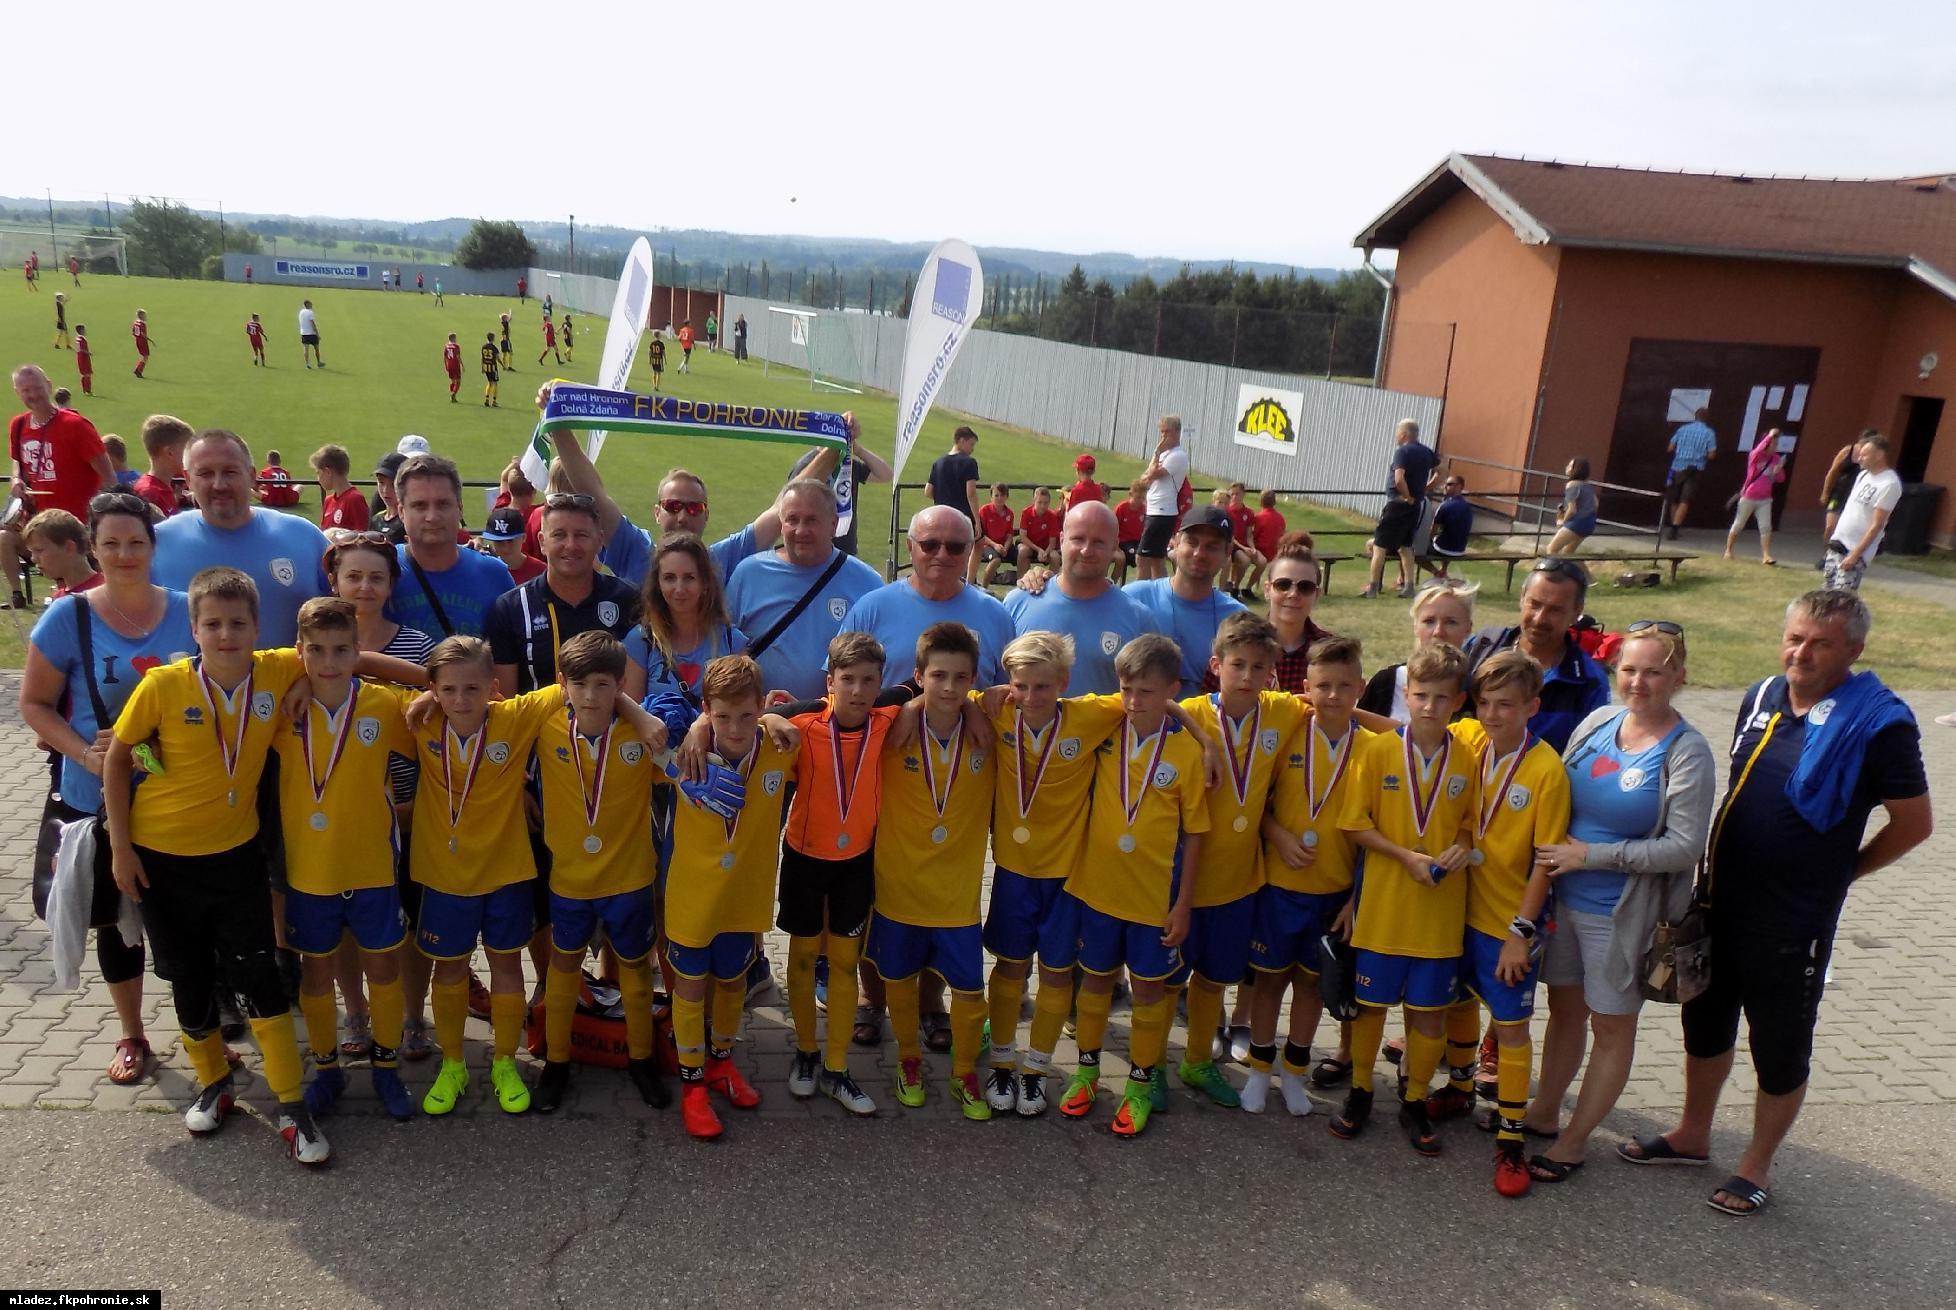 obr: U12: medzinárodný turnaj Třebíč Open 2019 15.-16.6.2019